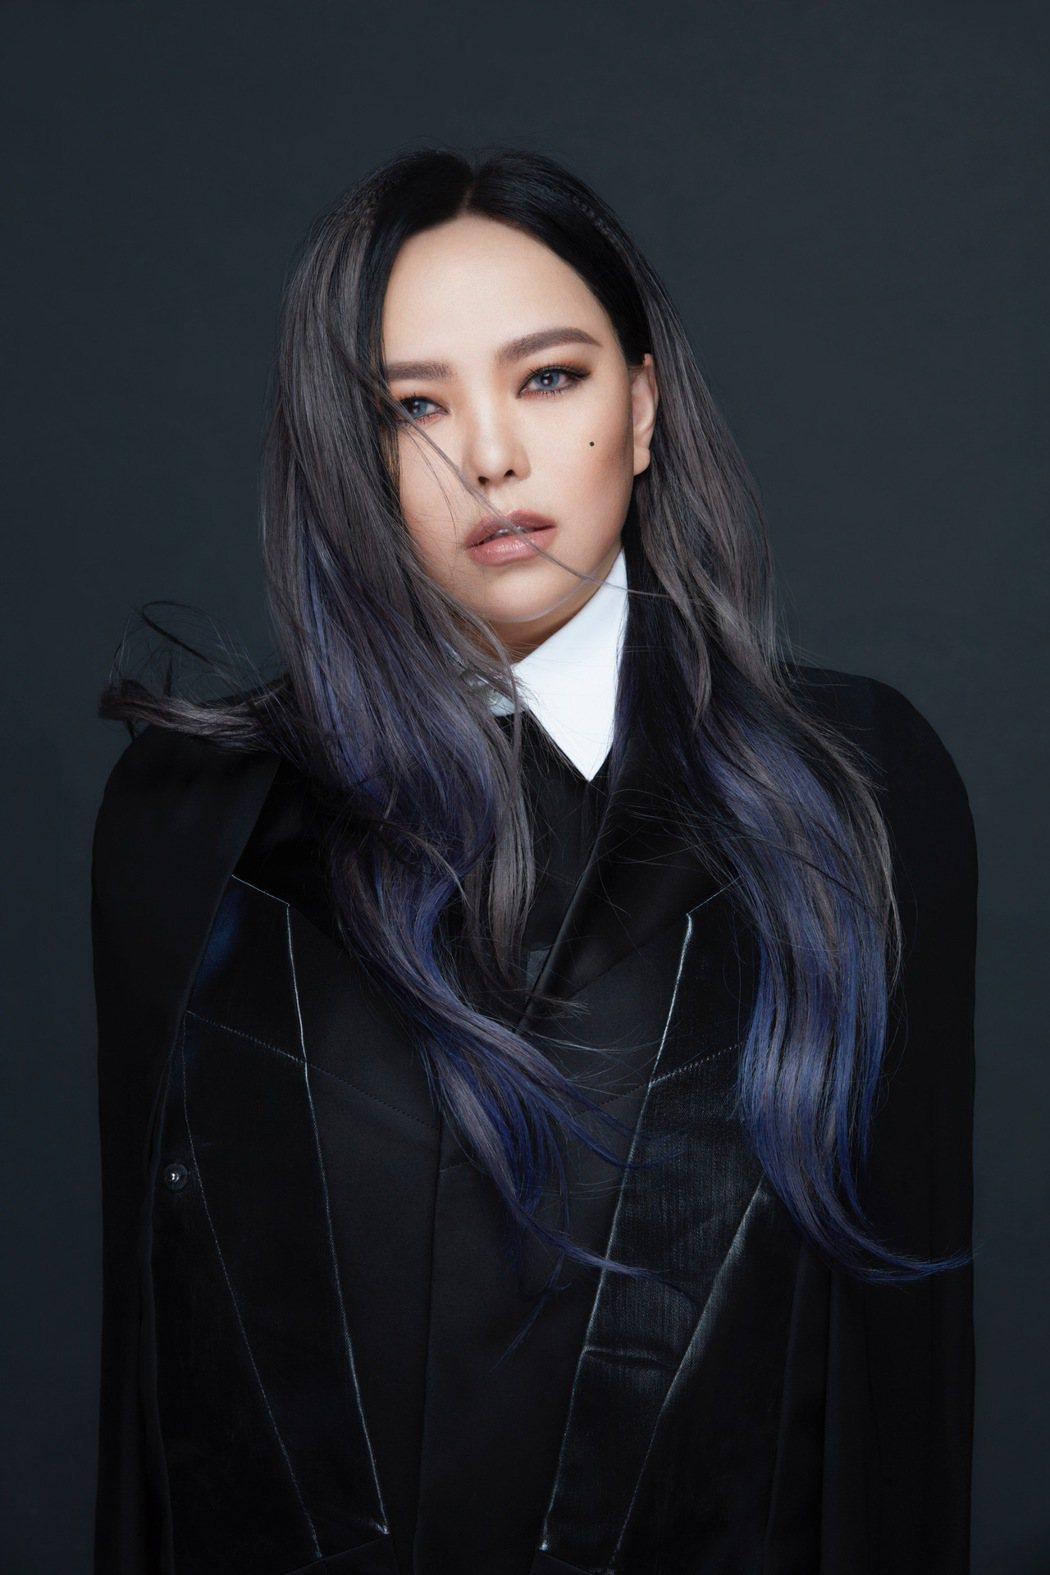 張惠妹的單曲「緩緩」成為EQUAL歌單的首推歌曲。圖/EMI提供